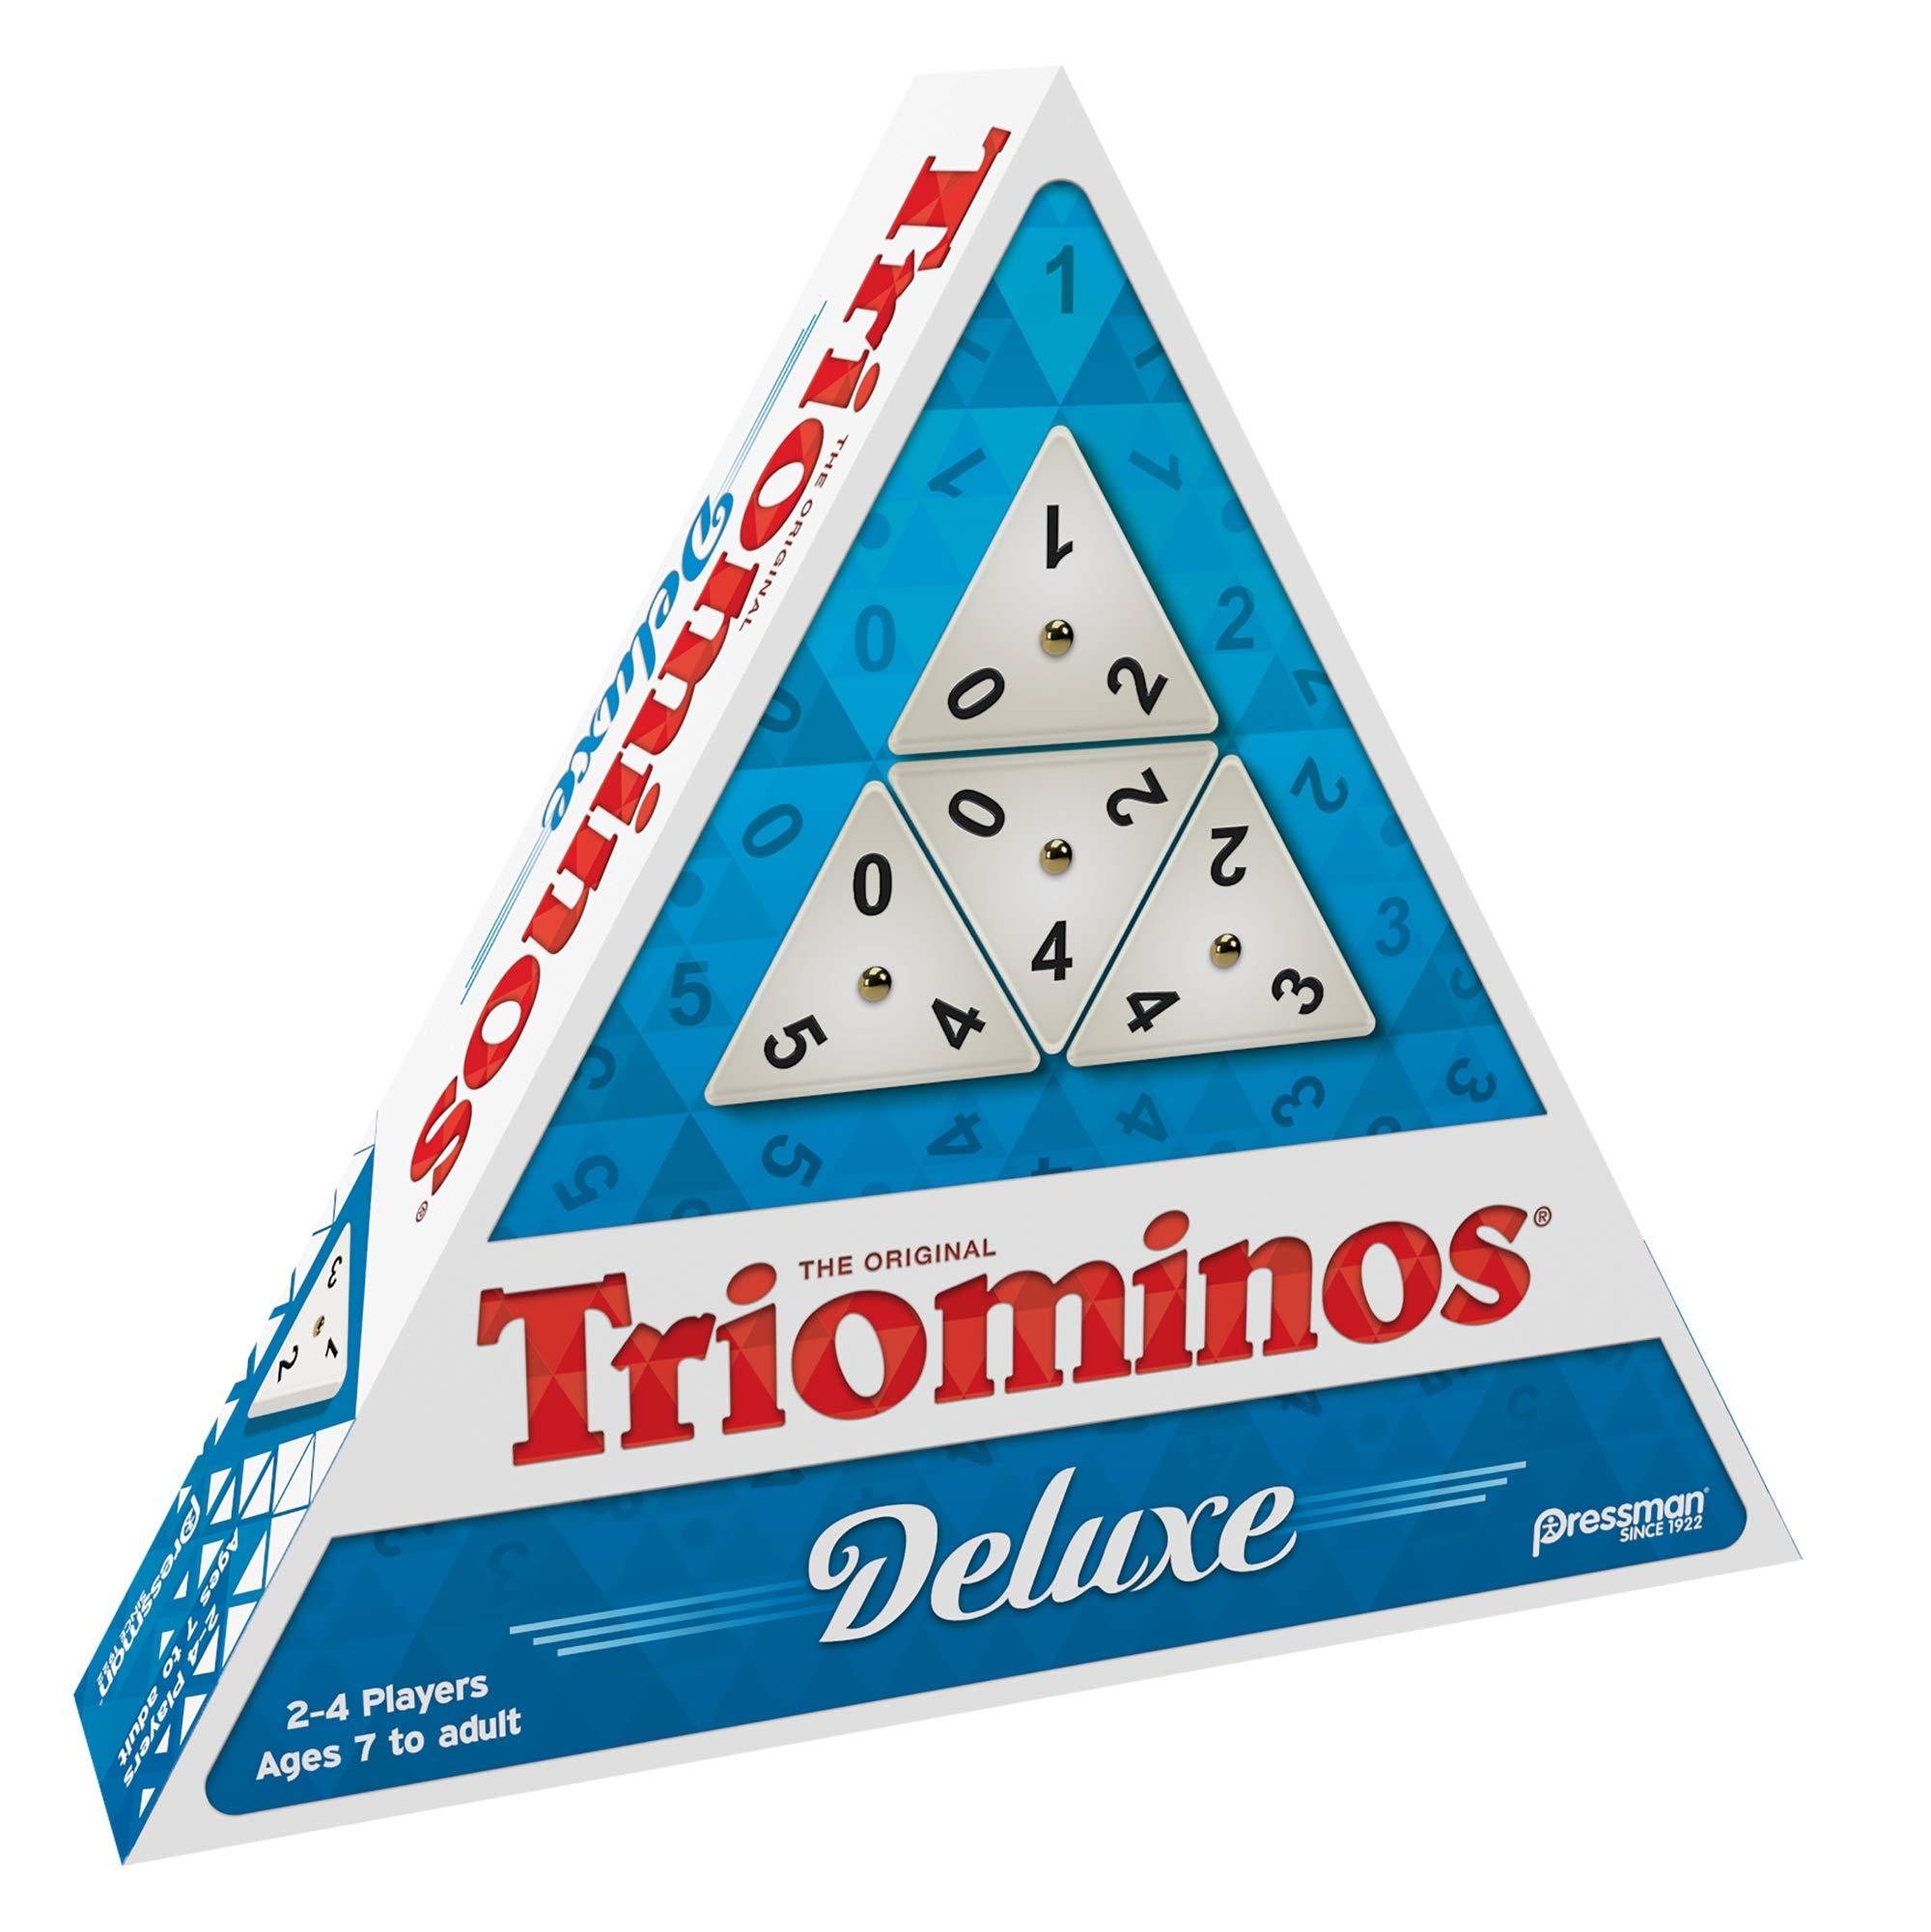 Pressman Tri-Ominos Deluxe Game by Pressman